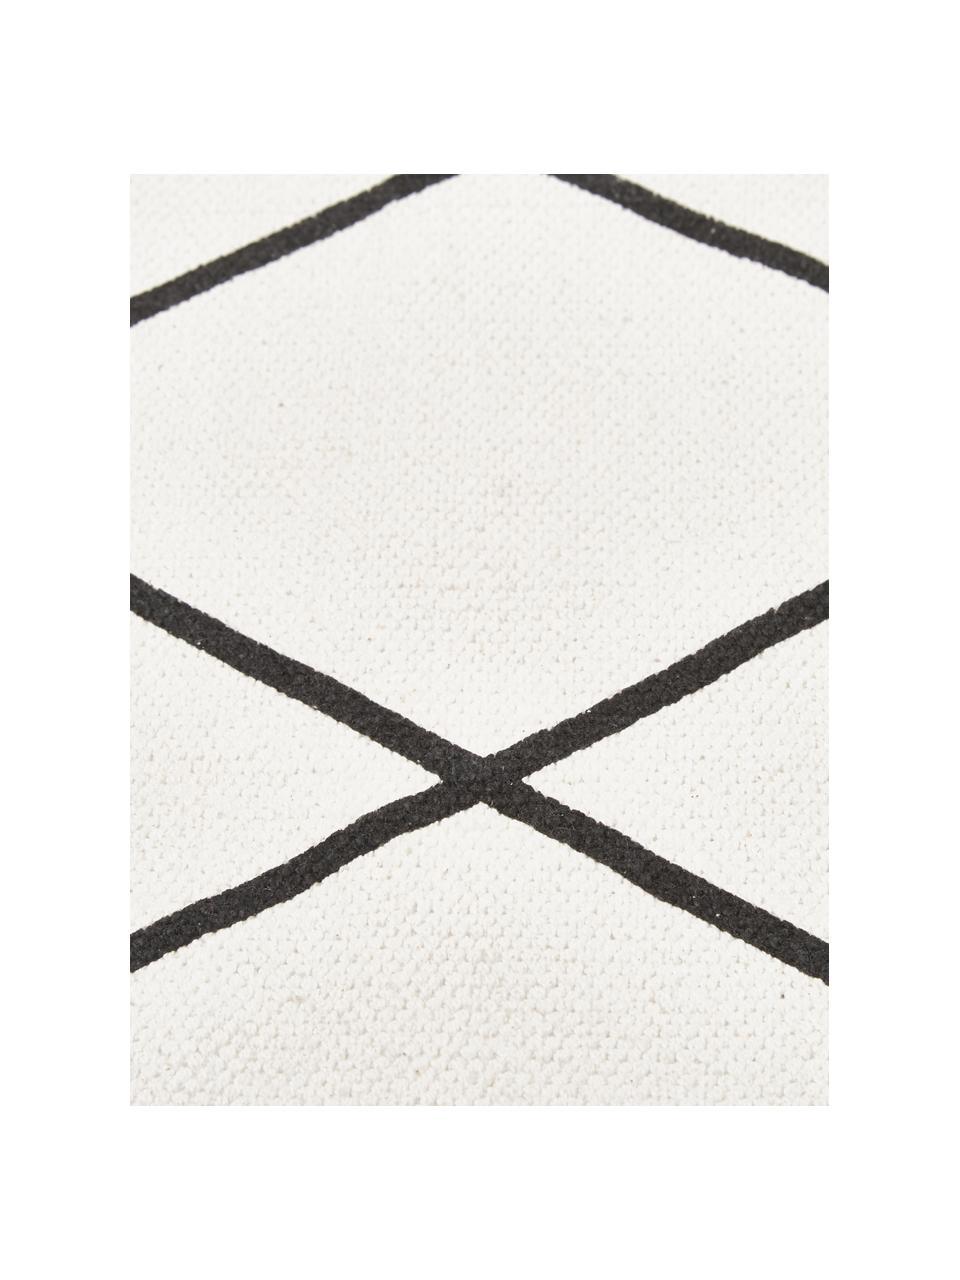 Tappeto in cotone tessuto piatto con motivo rombi Farah, 100% cotone, Bianco crema, nero, Larg. 200 x Lung. 300 cm (taglia L)